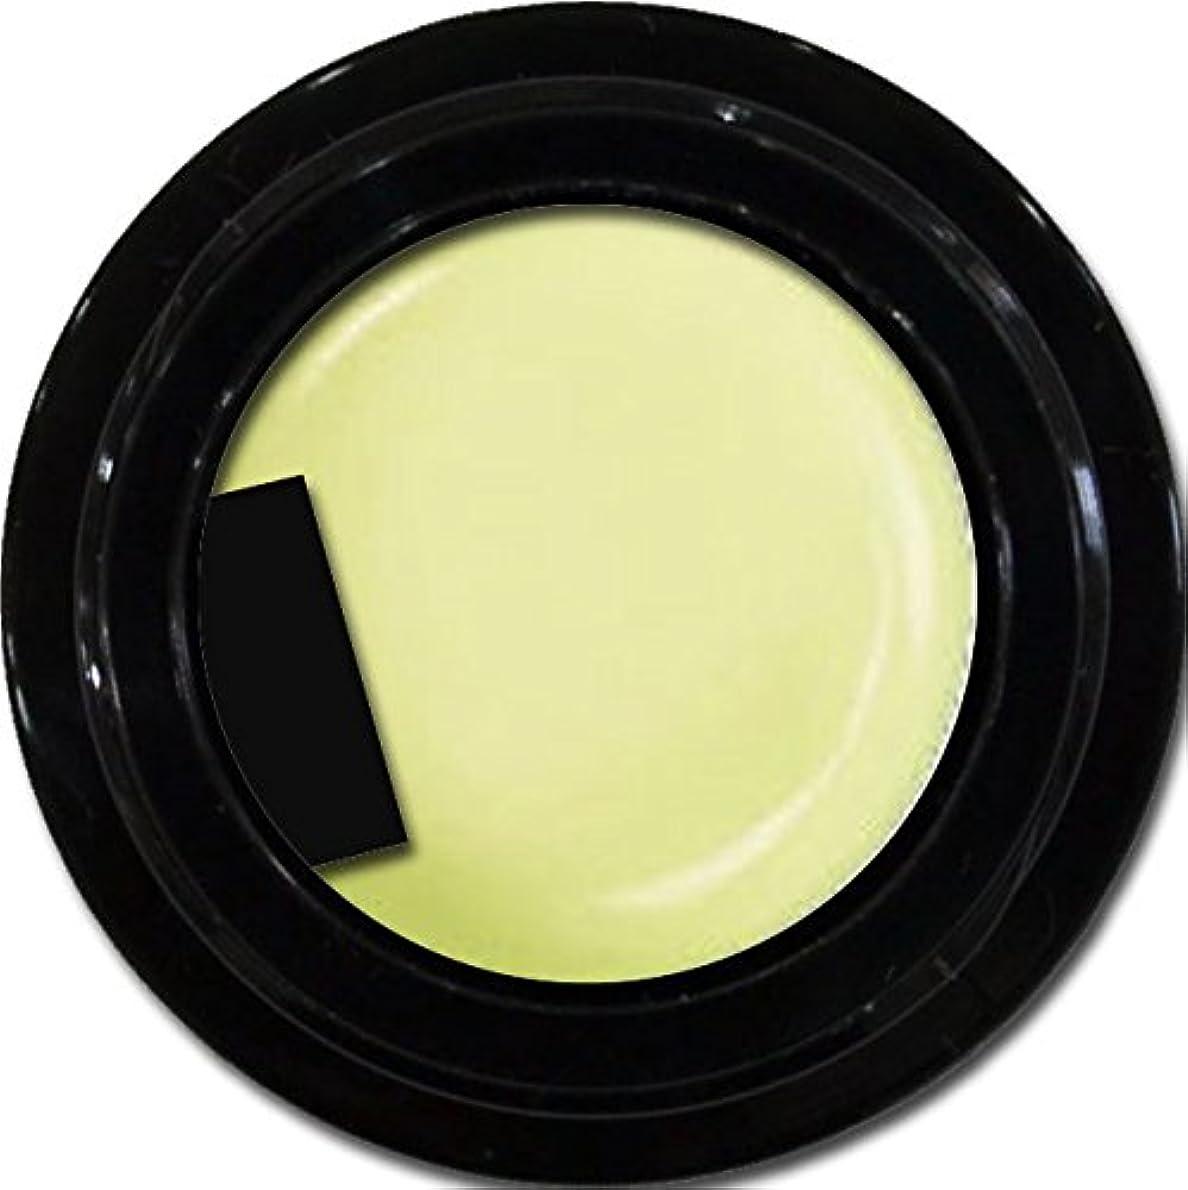 くそーメンタル効率的にカラージェル enchant color gel P601 powderYellow 3g/ パールカラージェル P601パウダーイエロー 3グラム